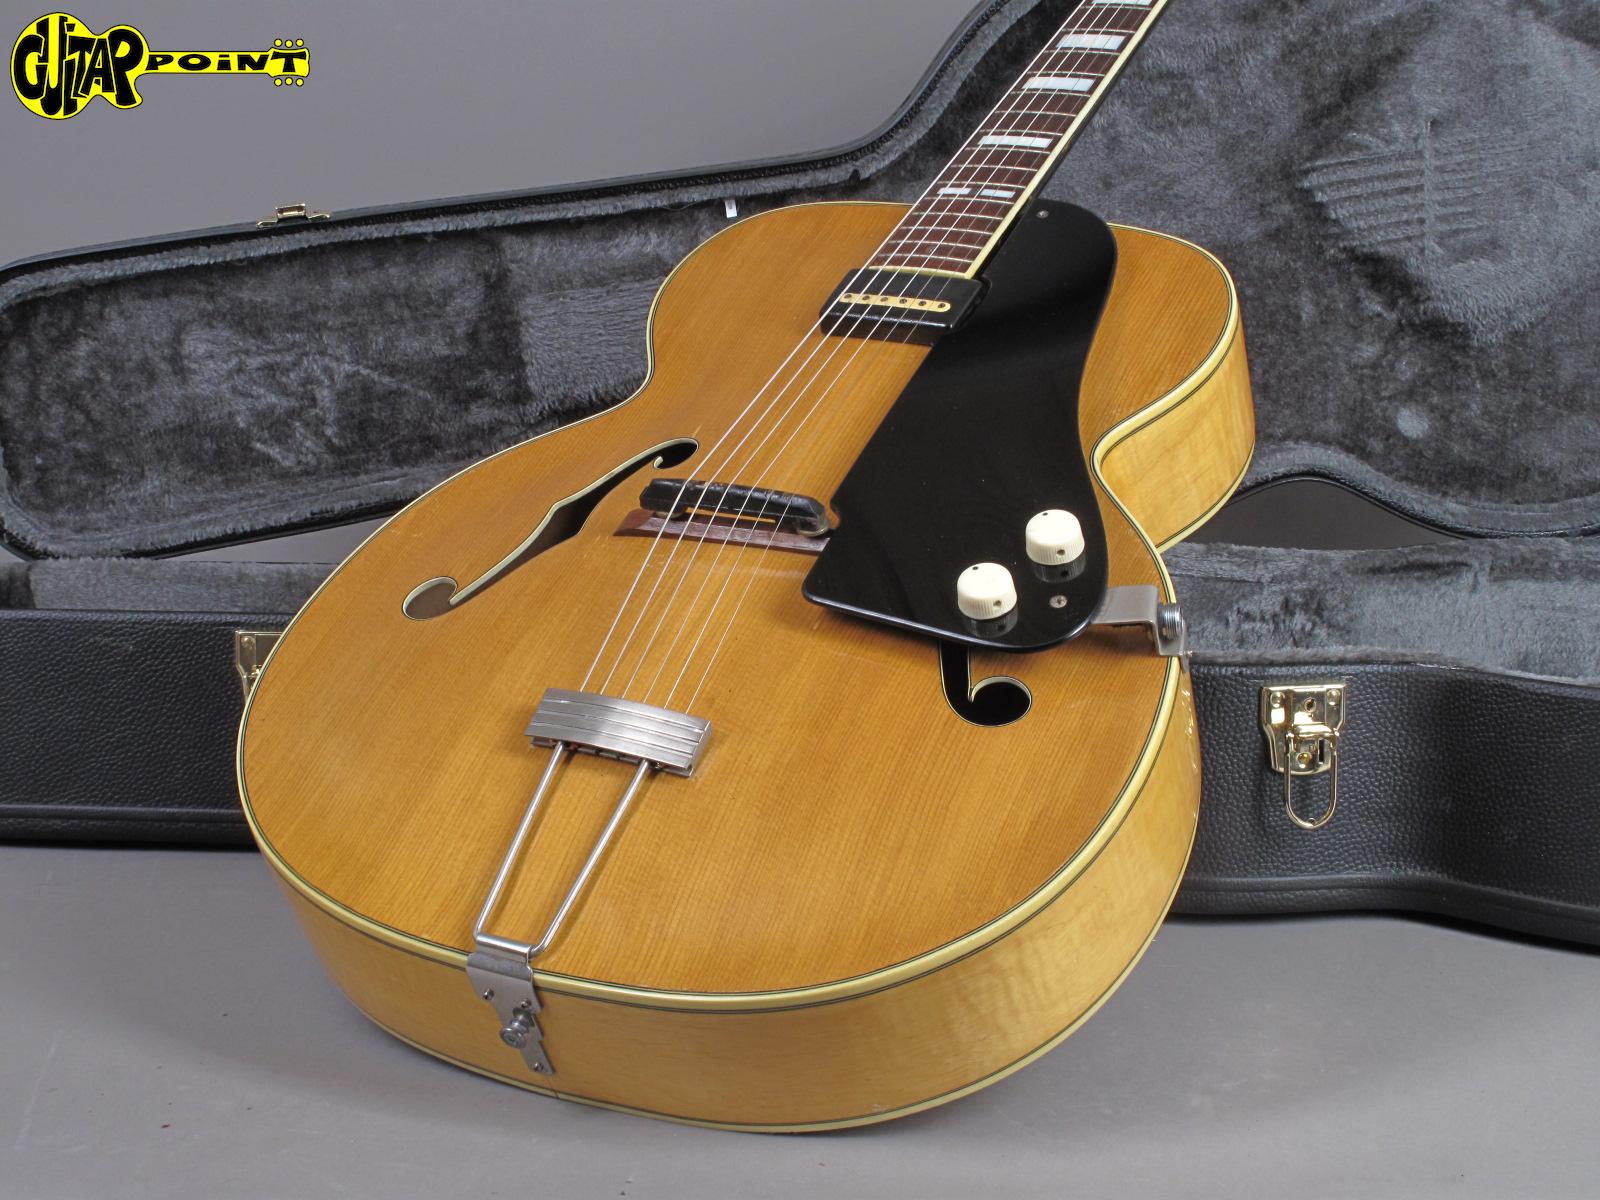 https://guitarpoint.de/app/uploads/products/1953-national-1100-california-blond/National531100CaliX22553_17.jpg